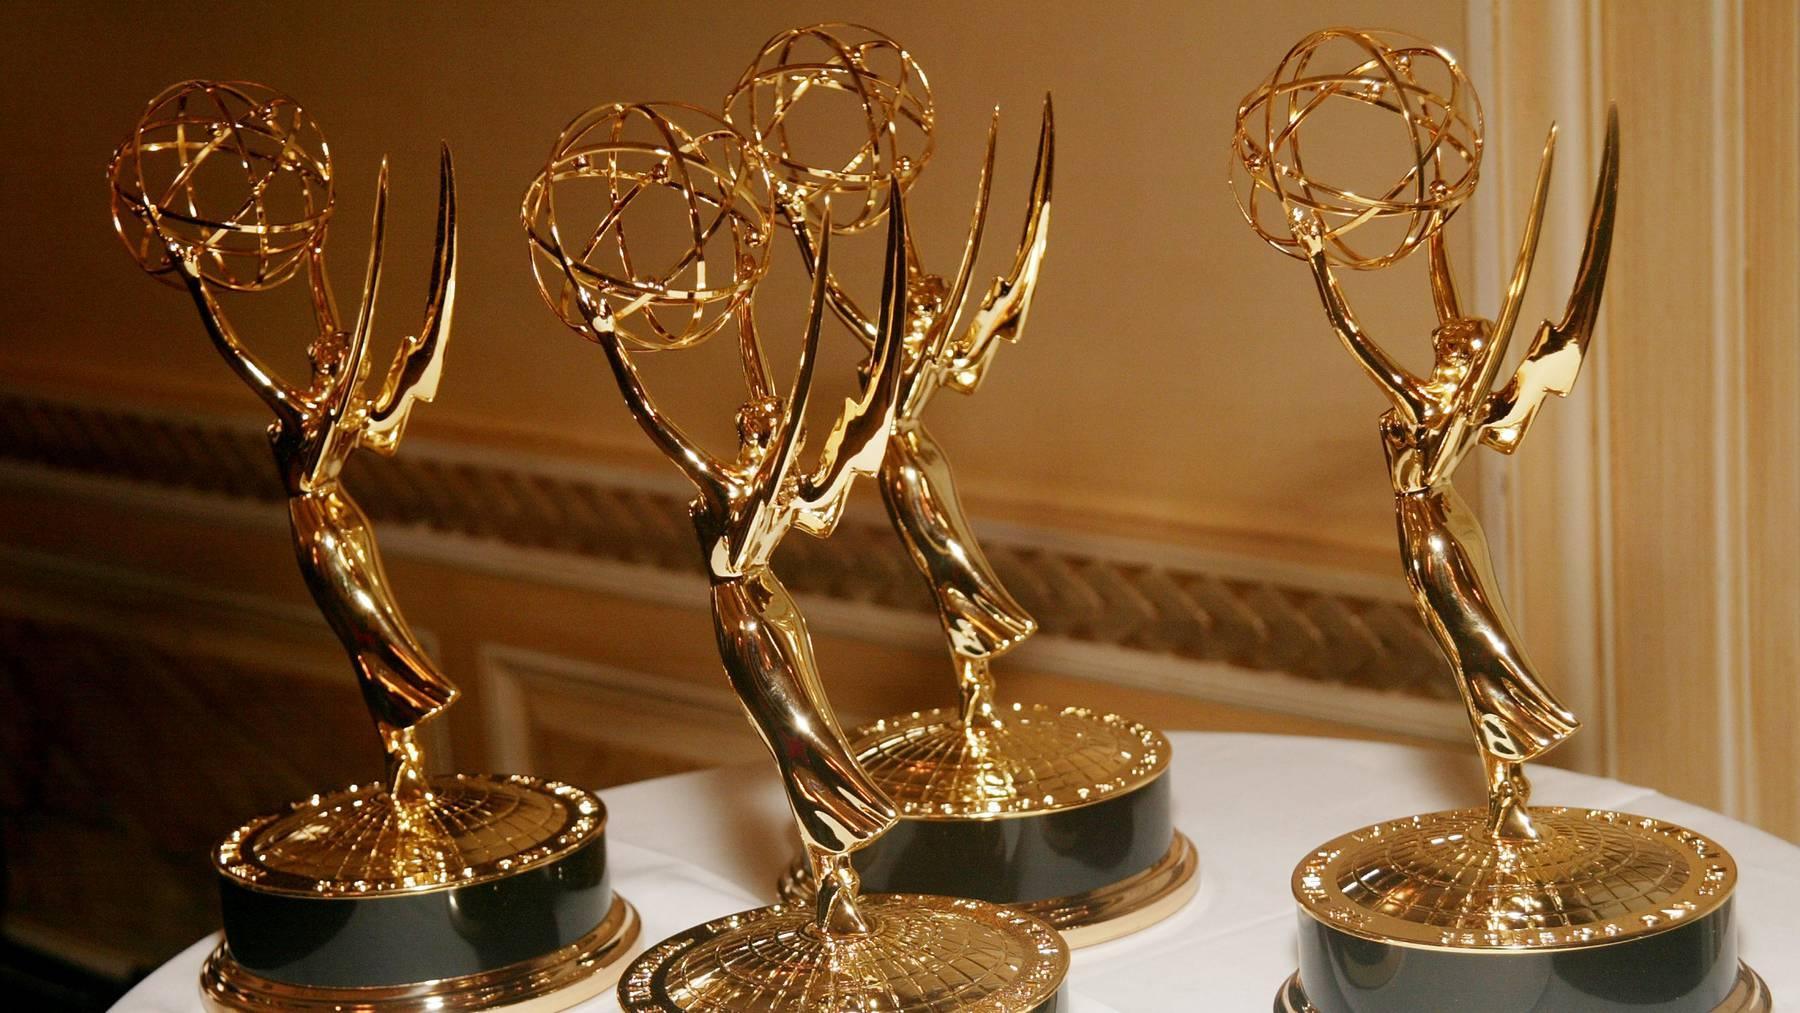 Die Emmys sind die begehrtesten Fernsehpreise der USA.